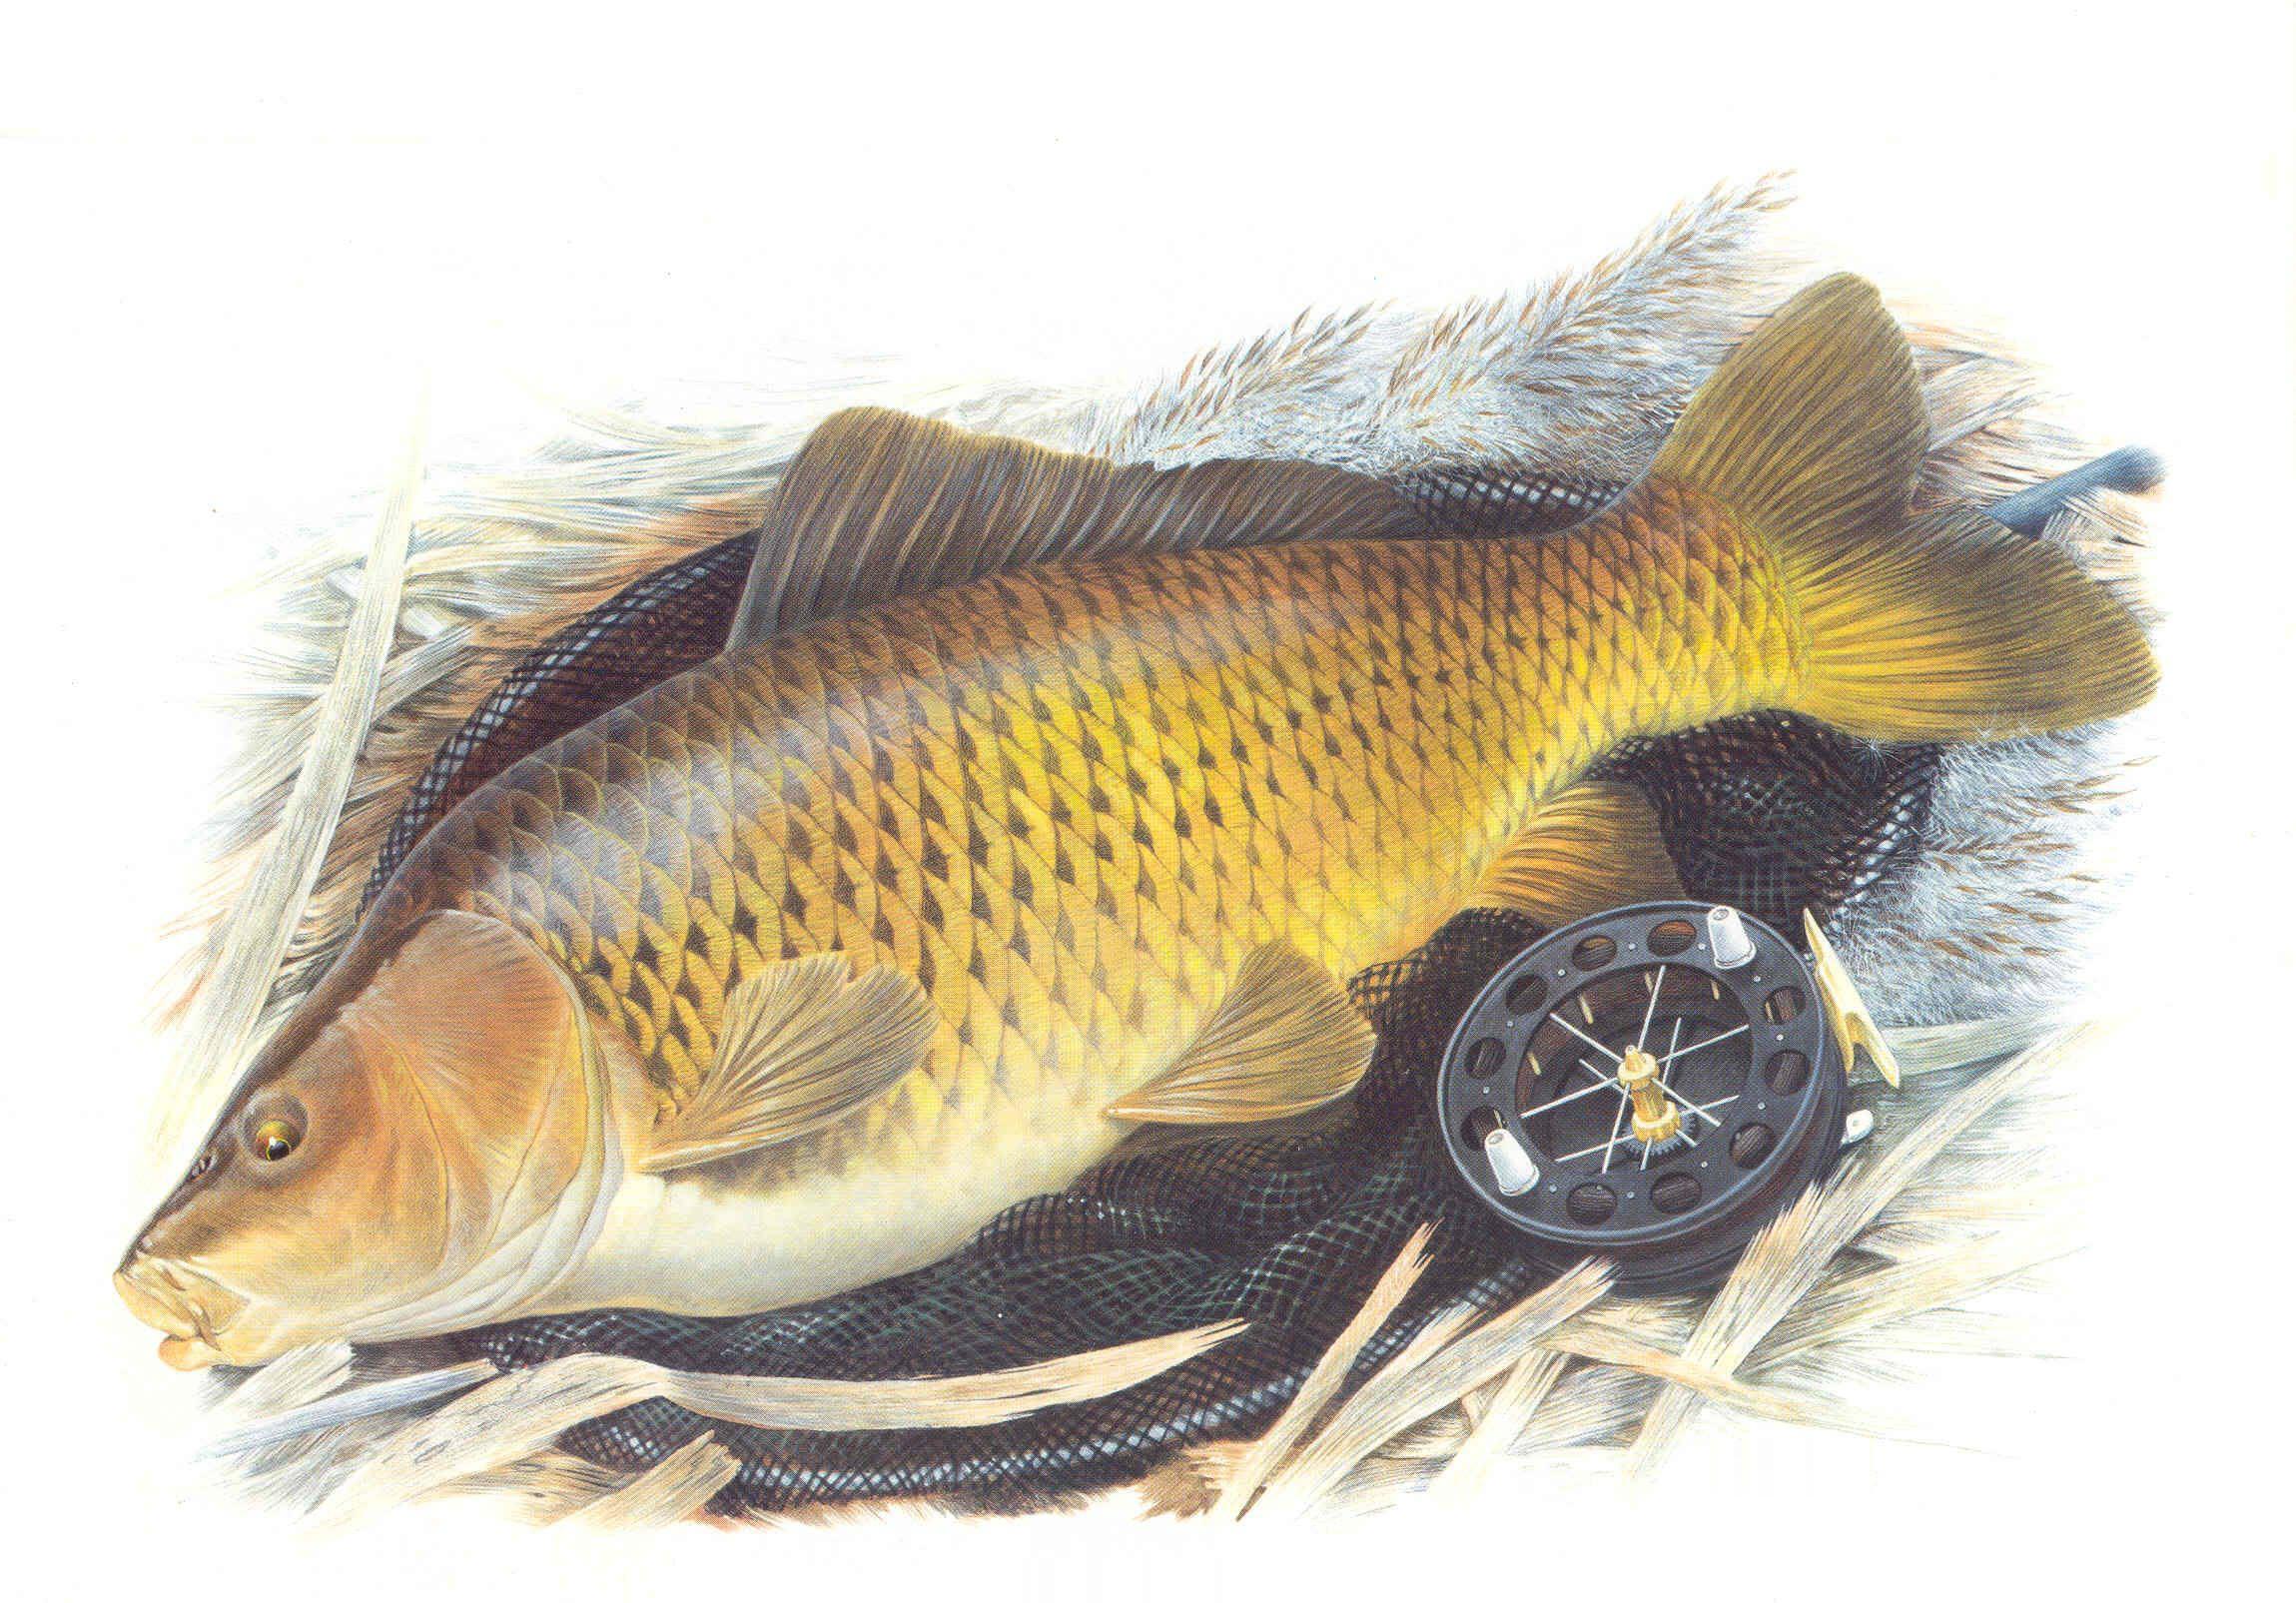 Hình nền con cá chép đẹp nhất